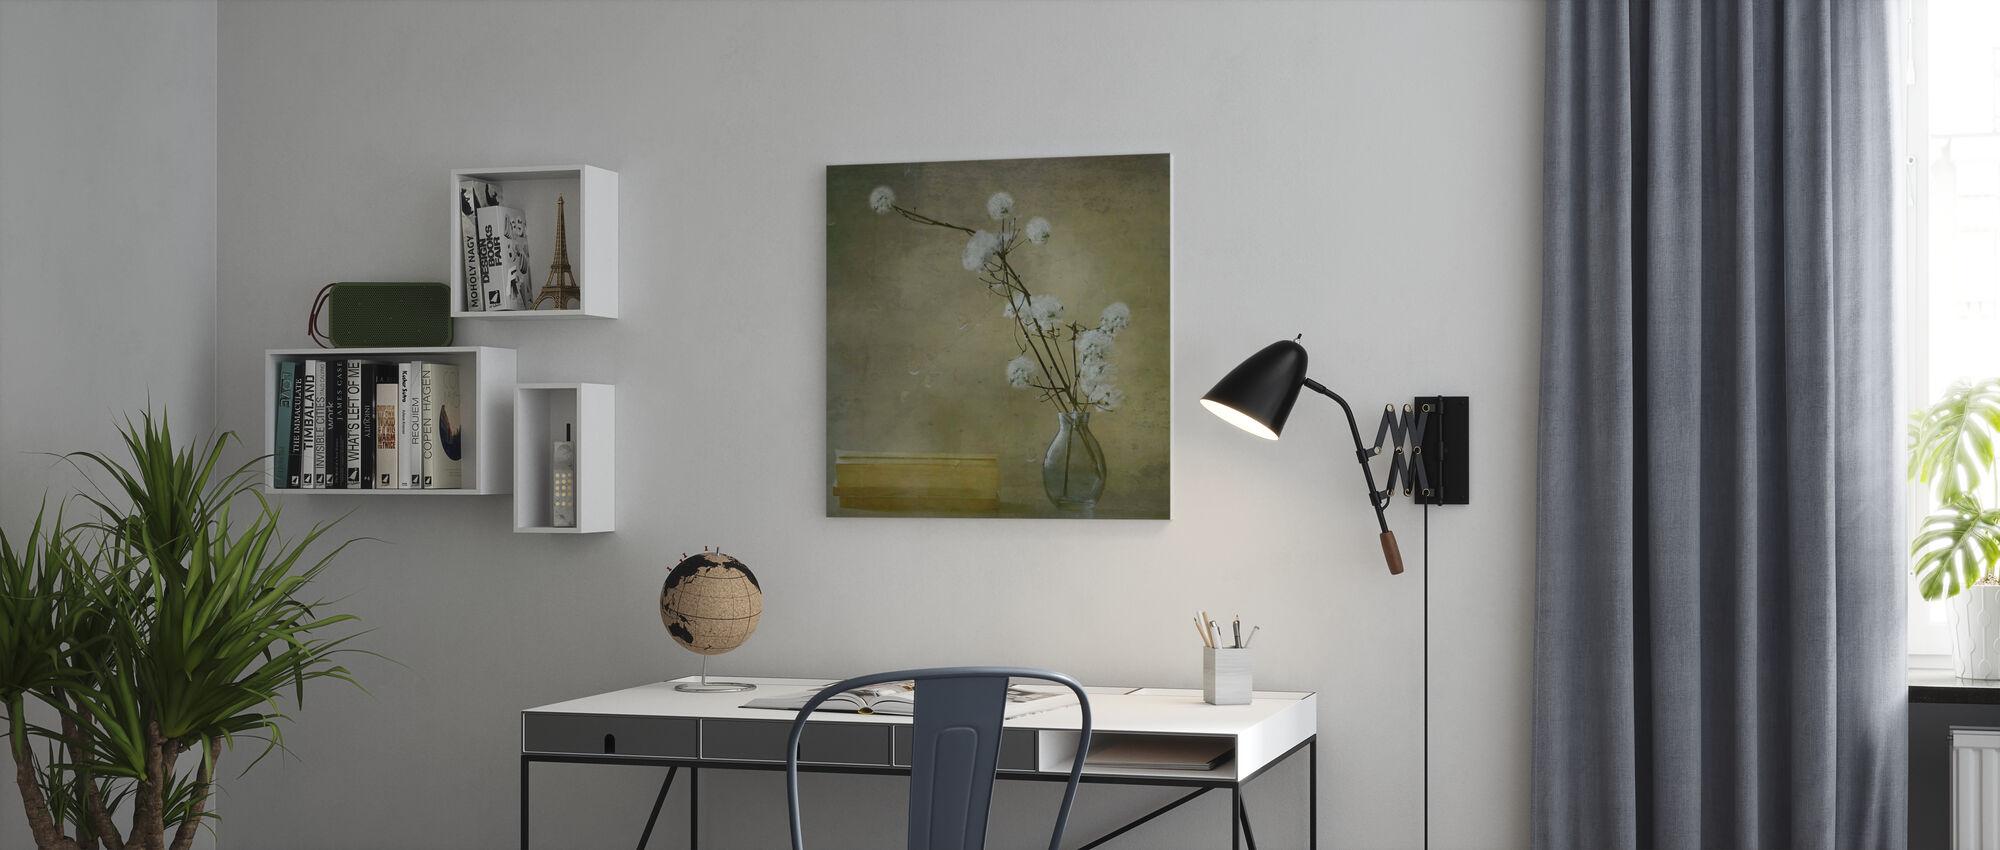 Boeken - Canvas print - Kantoor